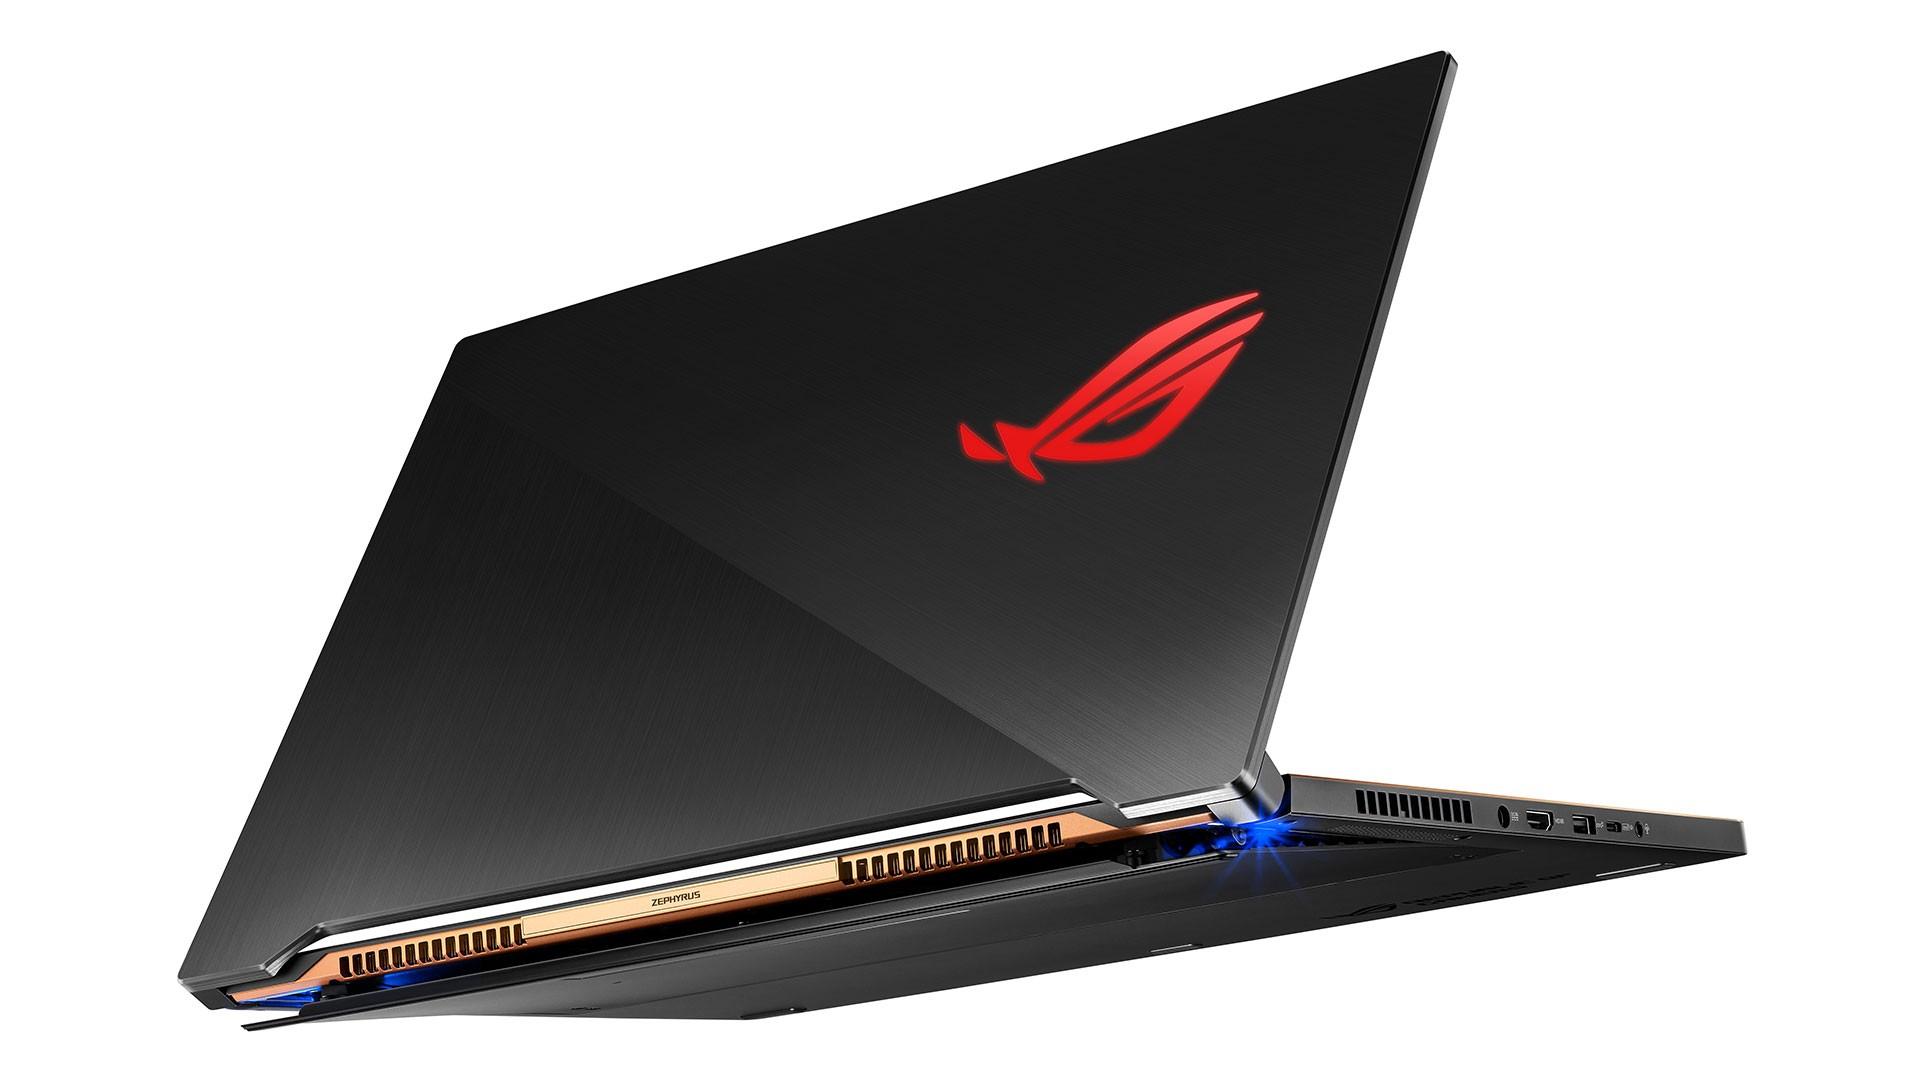 Laptopul Zephyrus S GX701 și sistemul său de răcire